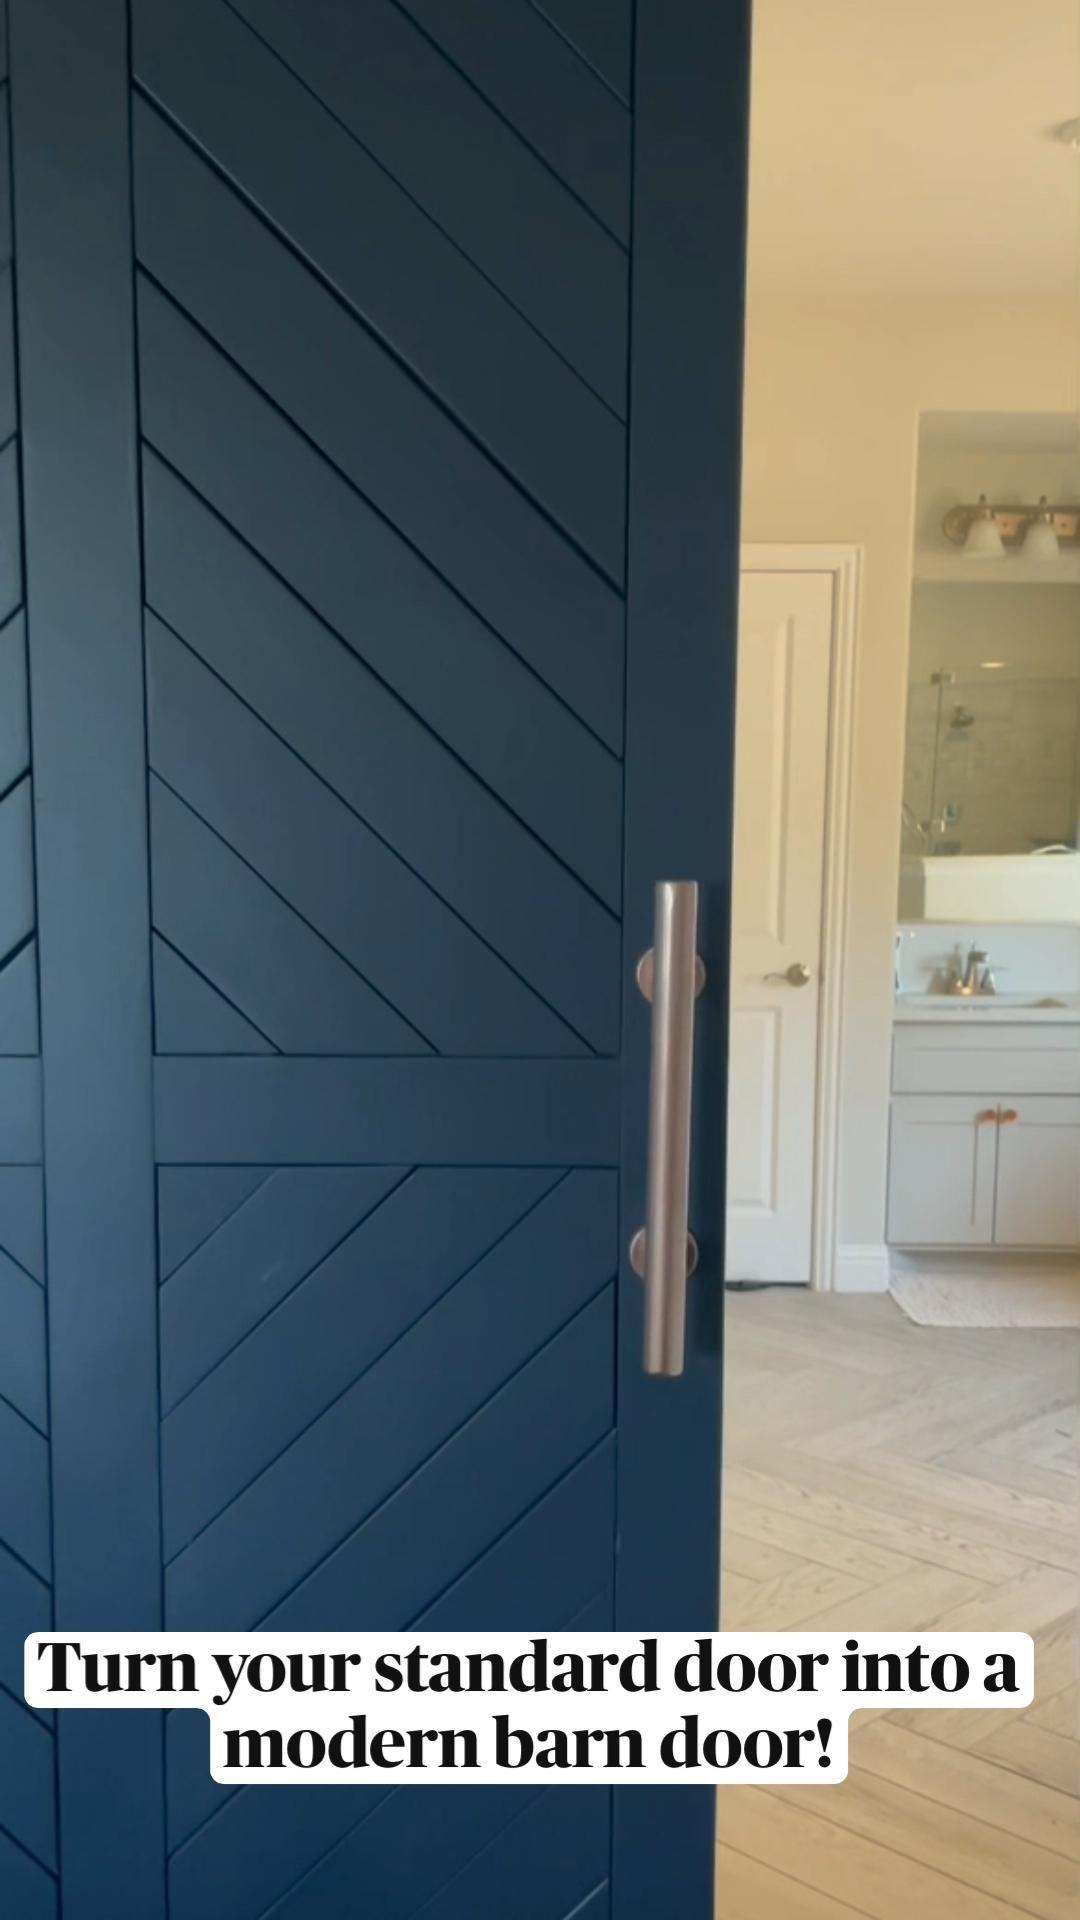 Turn your standard door into a modern barn door!